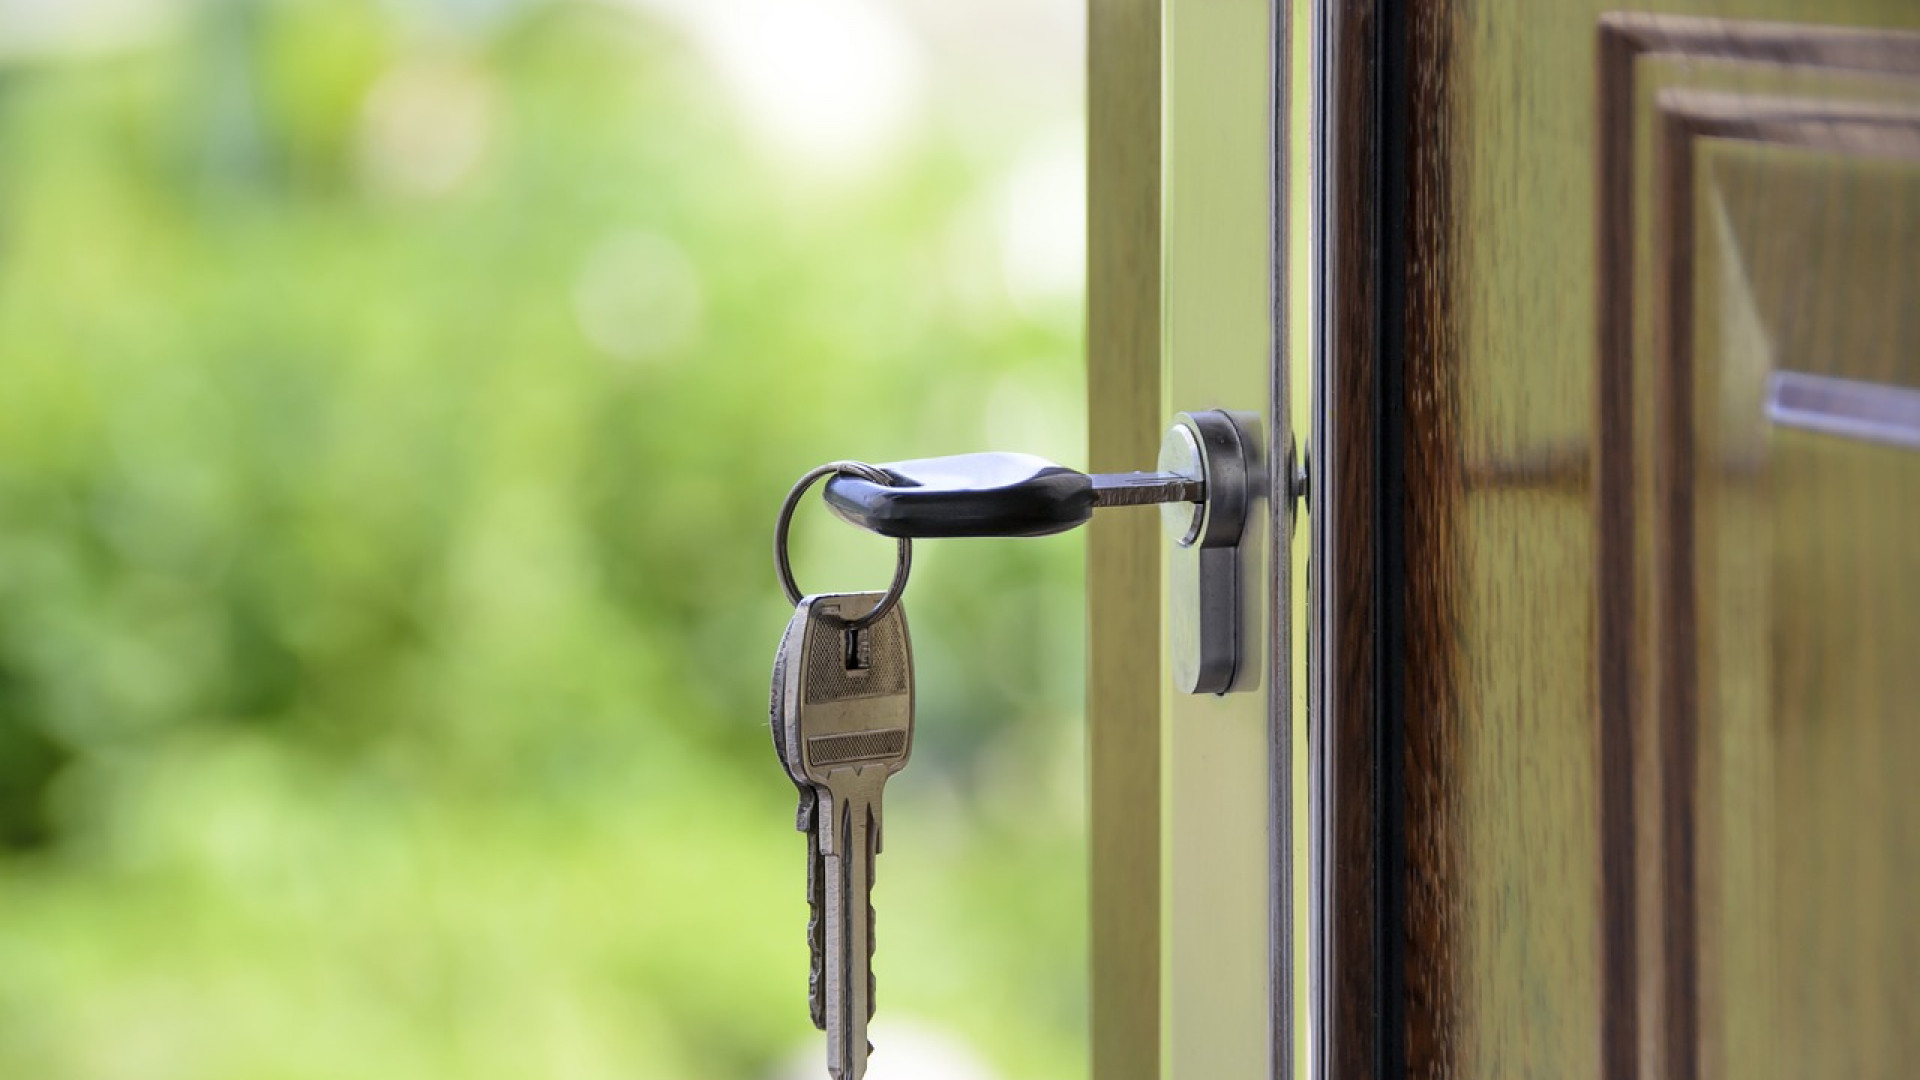 Une serrure connectée pour sécuriser son logement